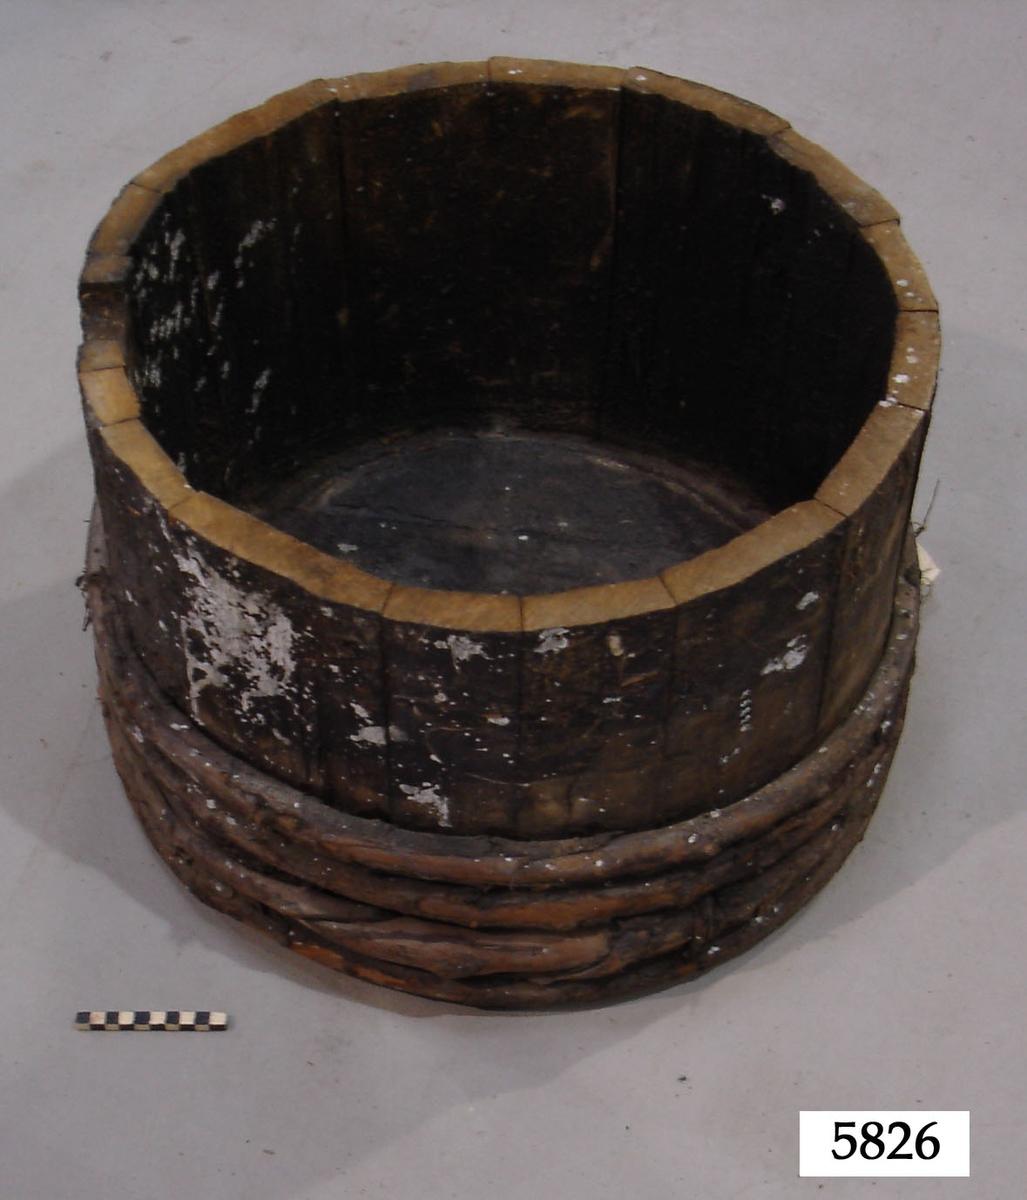 Del av tunna, försedd med fyra band av trä.